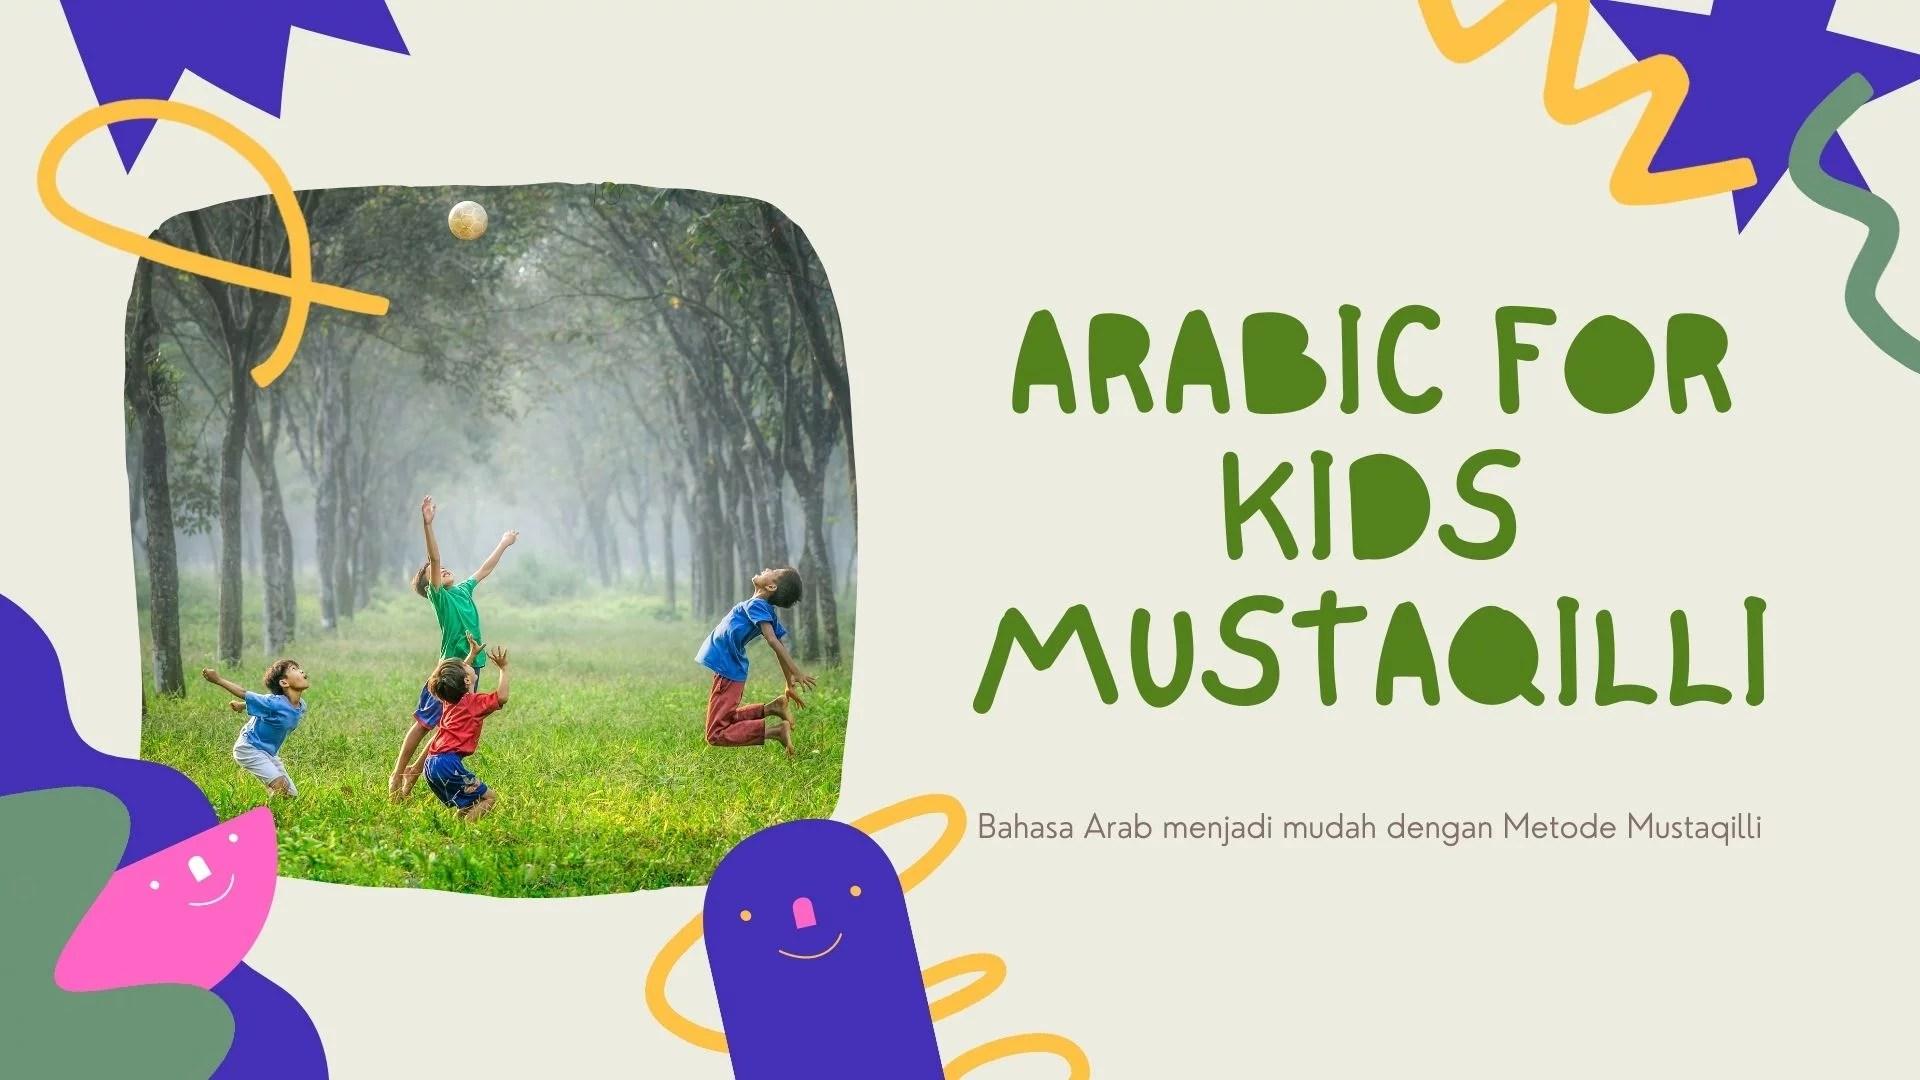 ARABIC FOR KIDS MUSTAQILLI